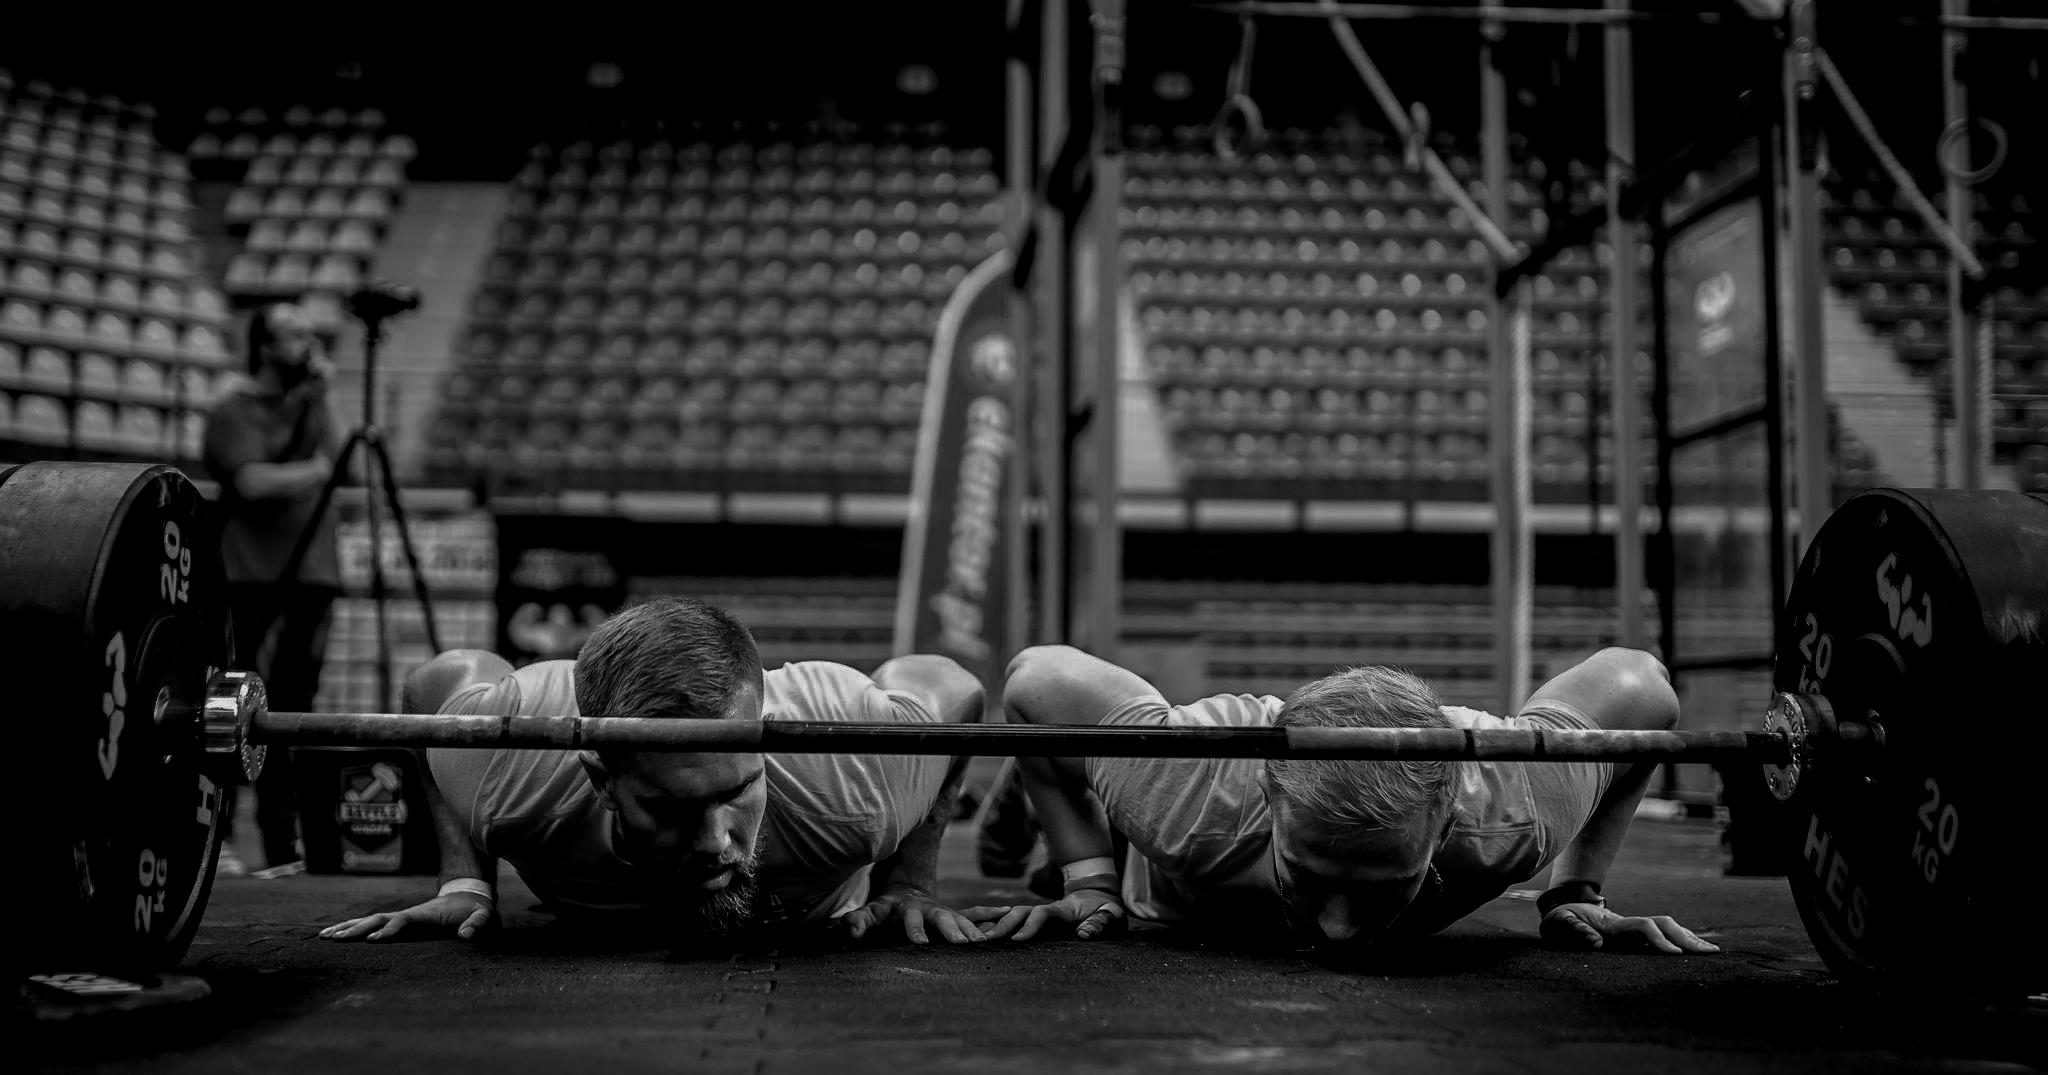 CrossFit toruń - najlepszy boc w toruniu - trening personalny - dla początkujących - trening funkcjonalny